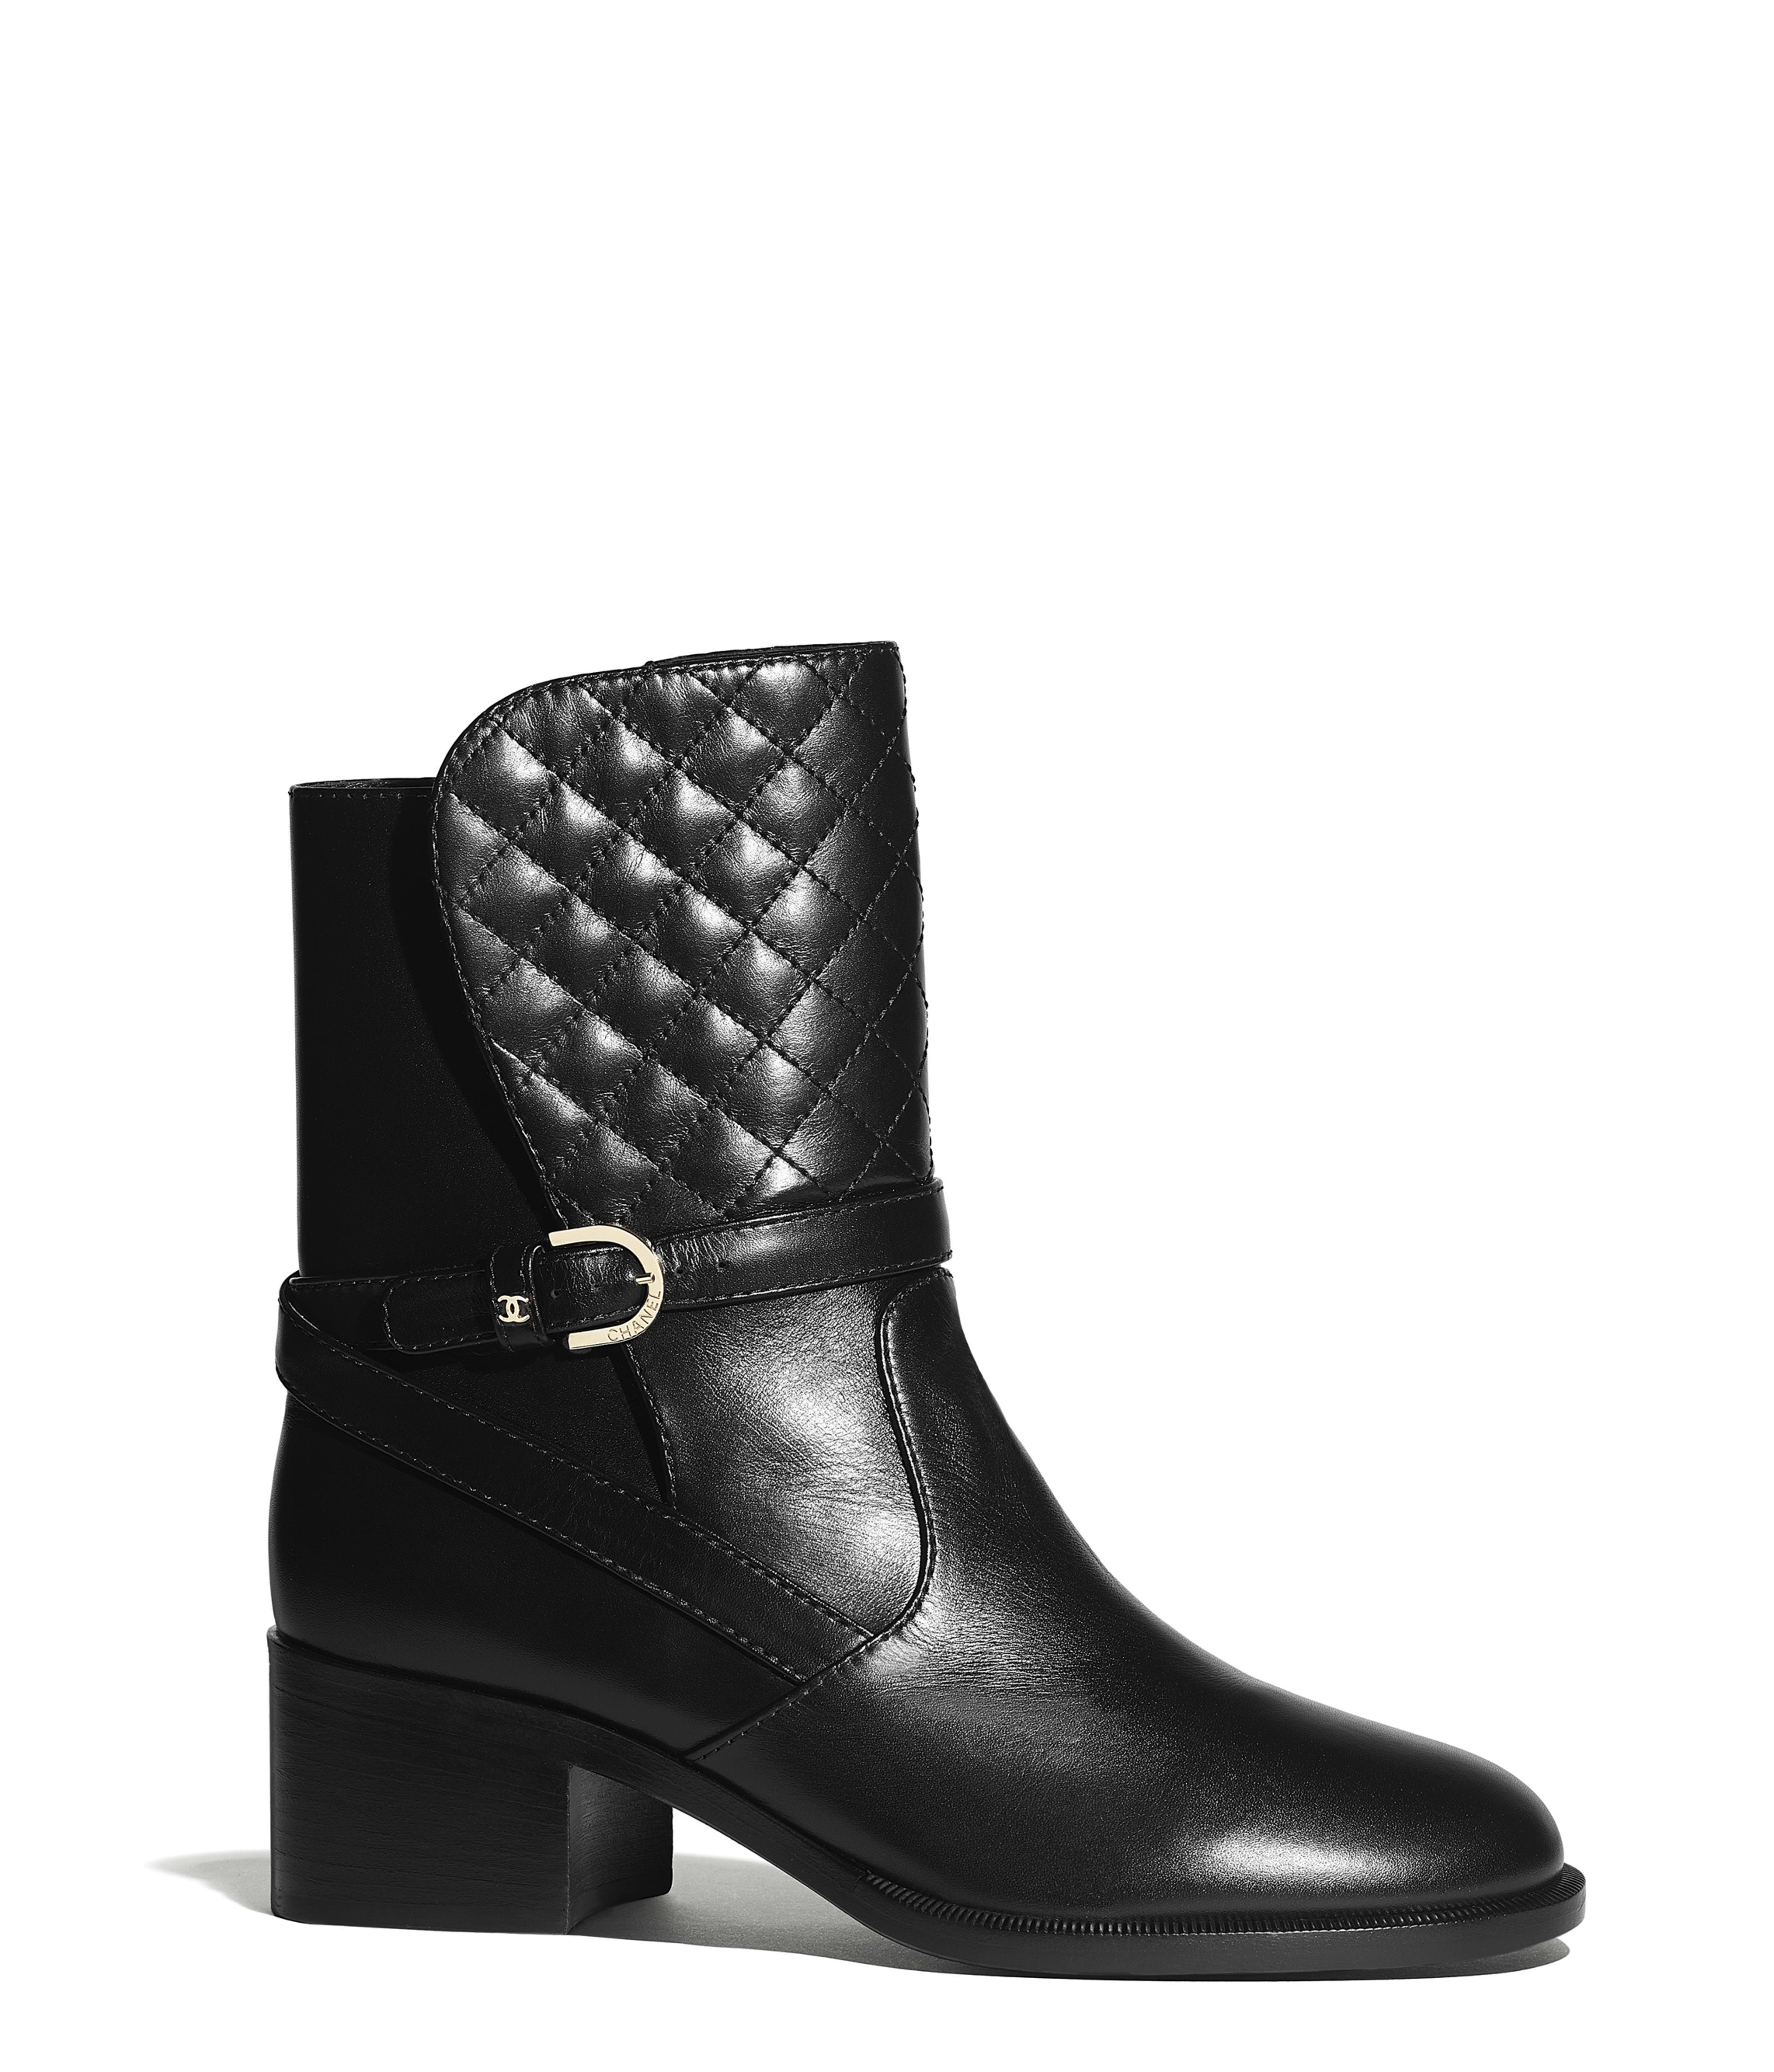 42be11c4b92 Shoes - Fashion | CHANEL